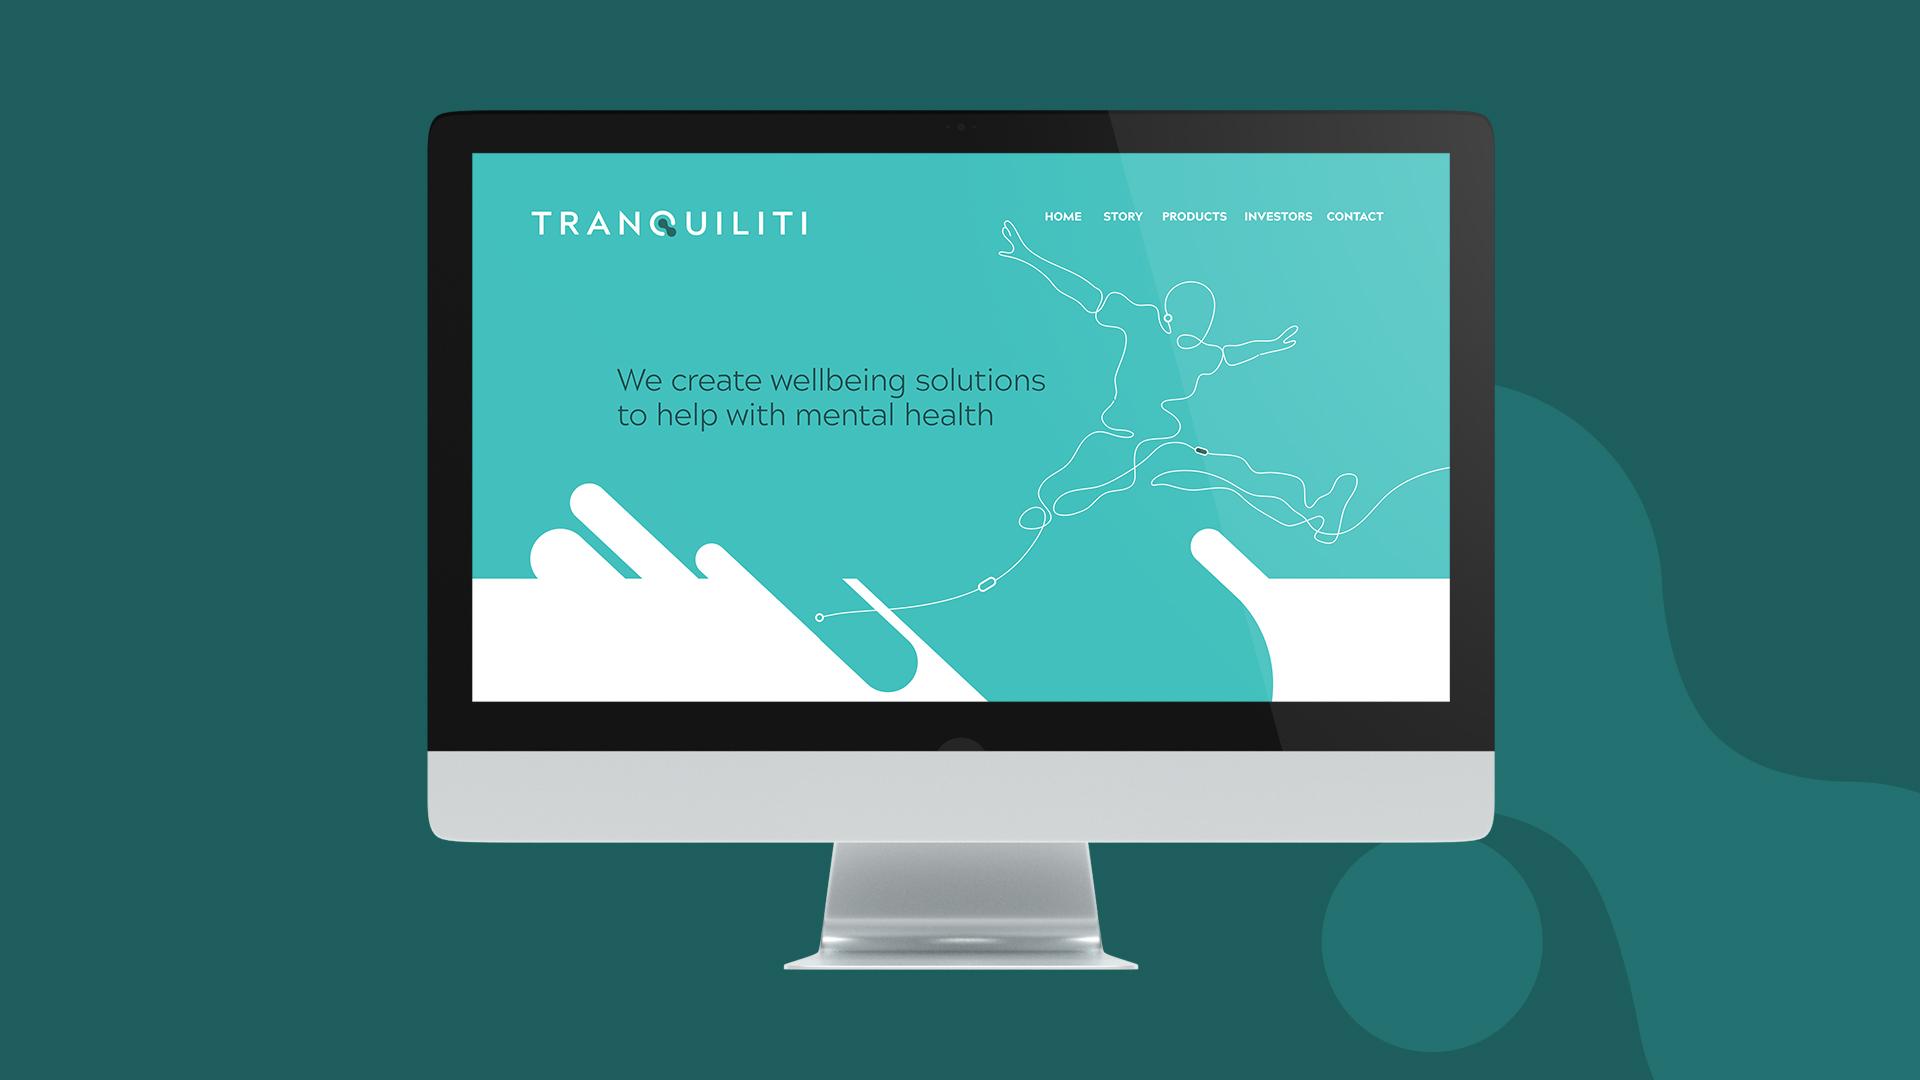 Image - Tranquiliti website